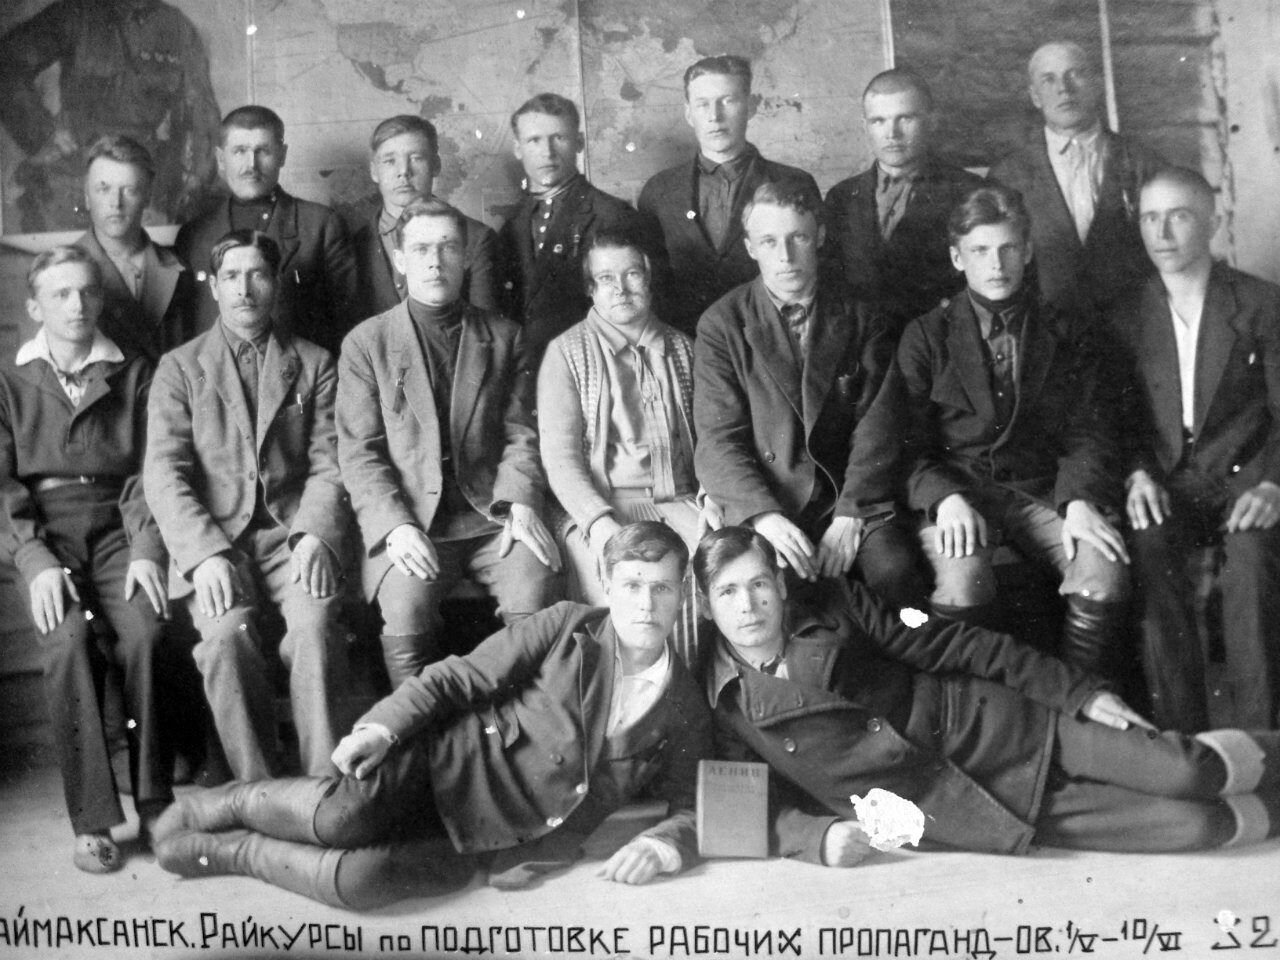 1932. 10 ноября. Райкурсы по подготовке рабочих пропагандистов